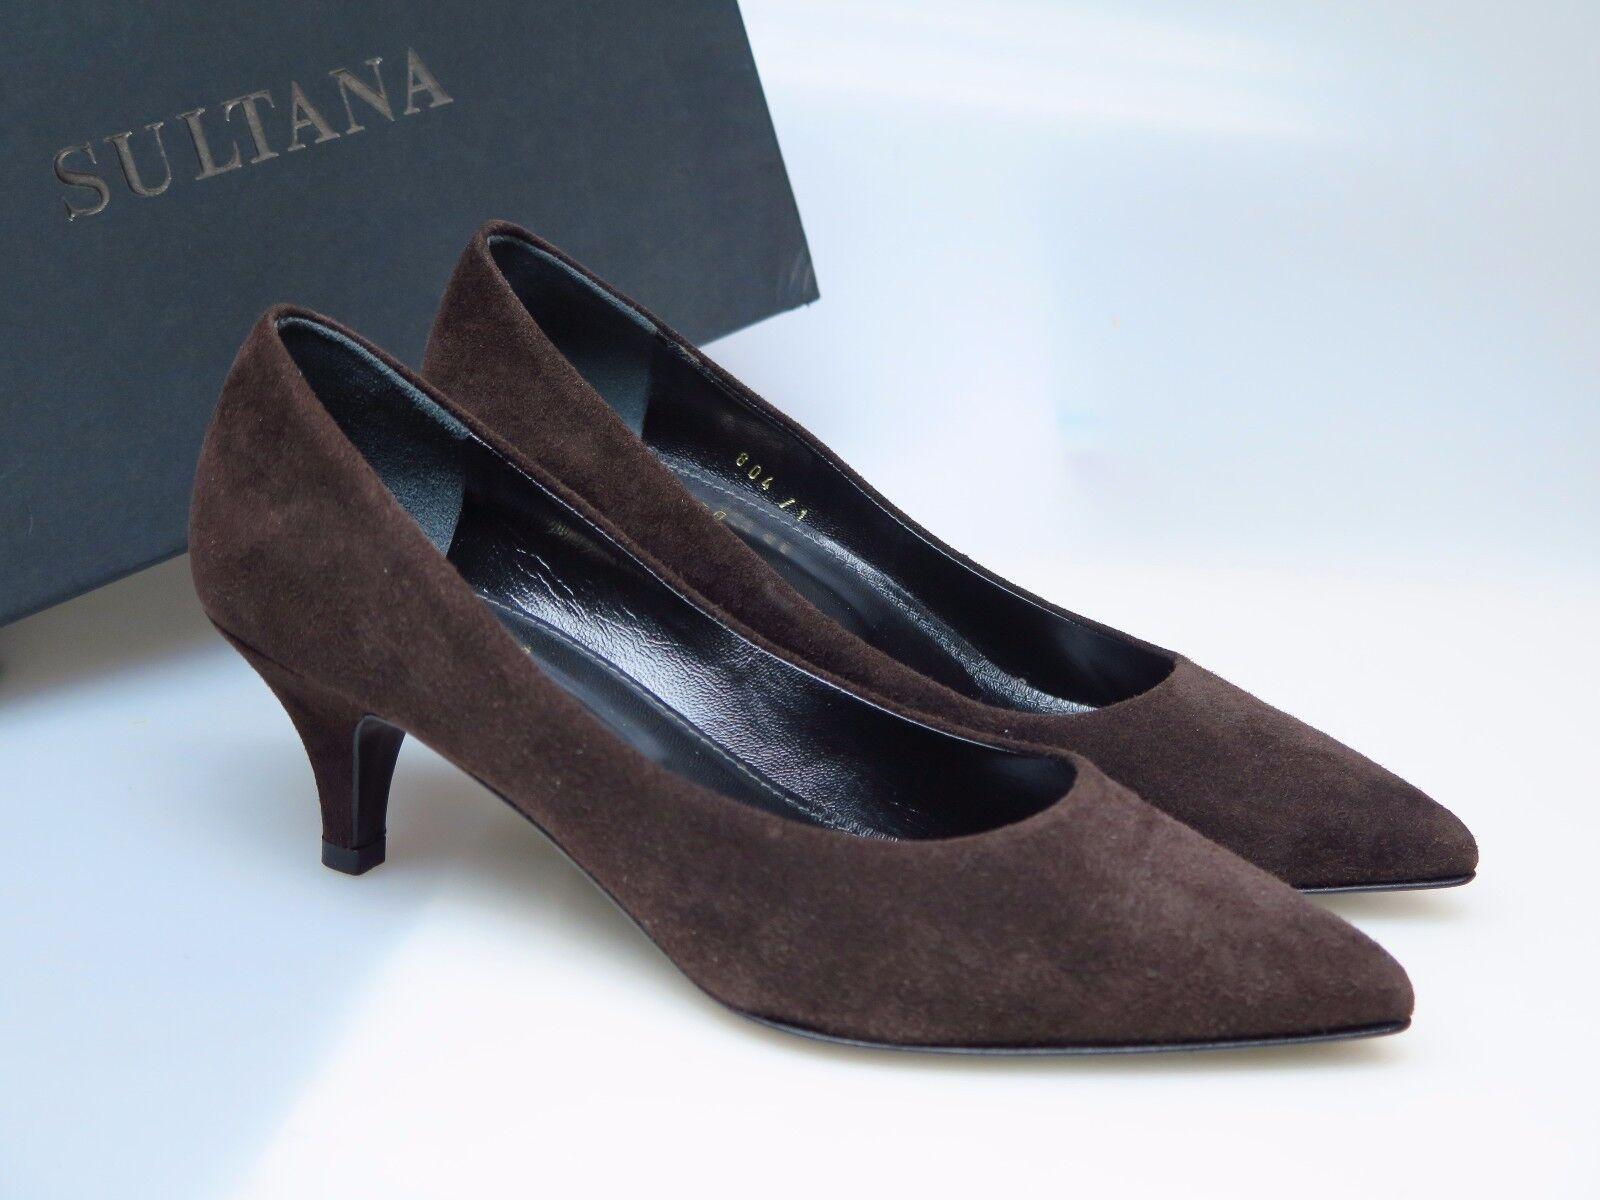 Descuento de la marca Sultana zapatos zapatos señora de diseño zapatos n3308 Sara T. moro camoscio Niza nuevo